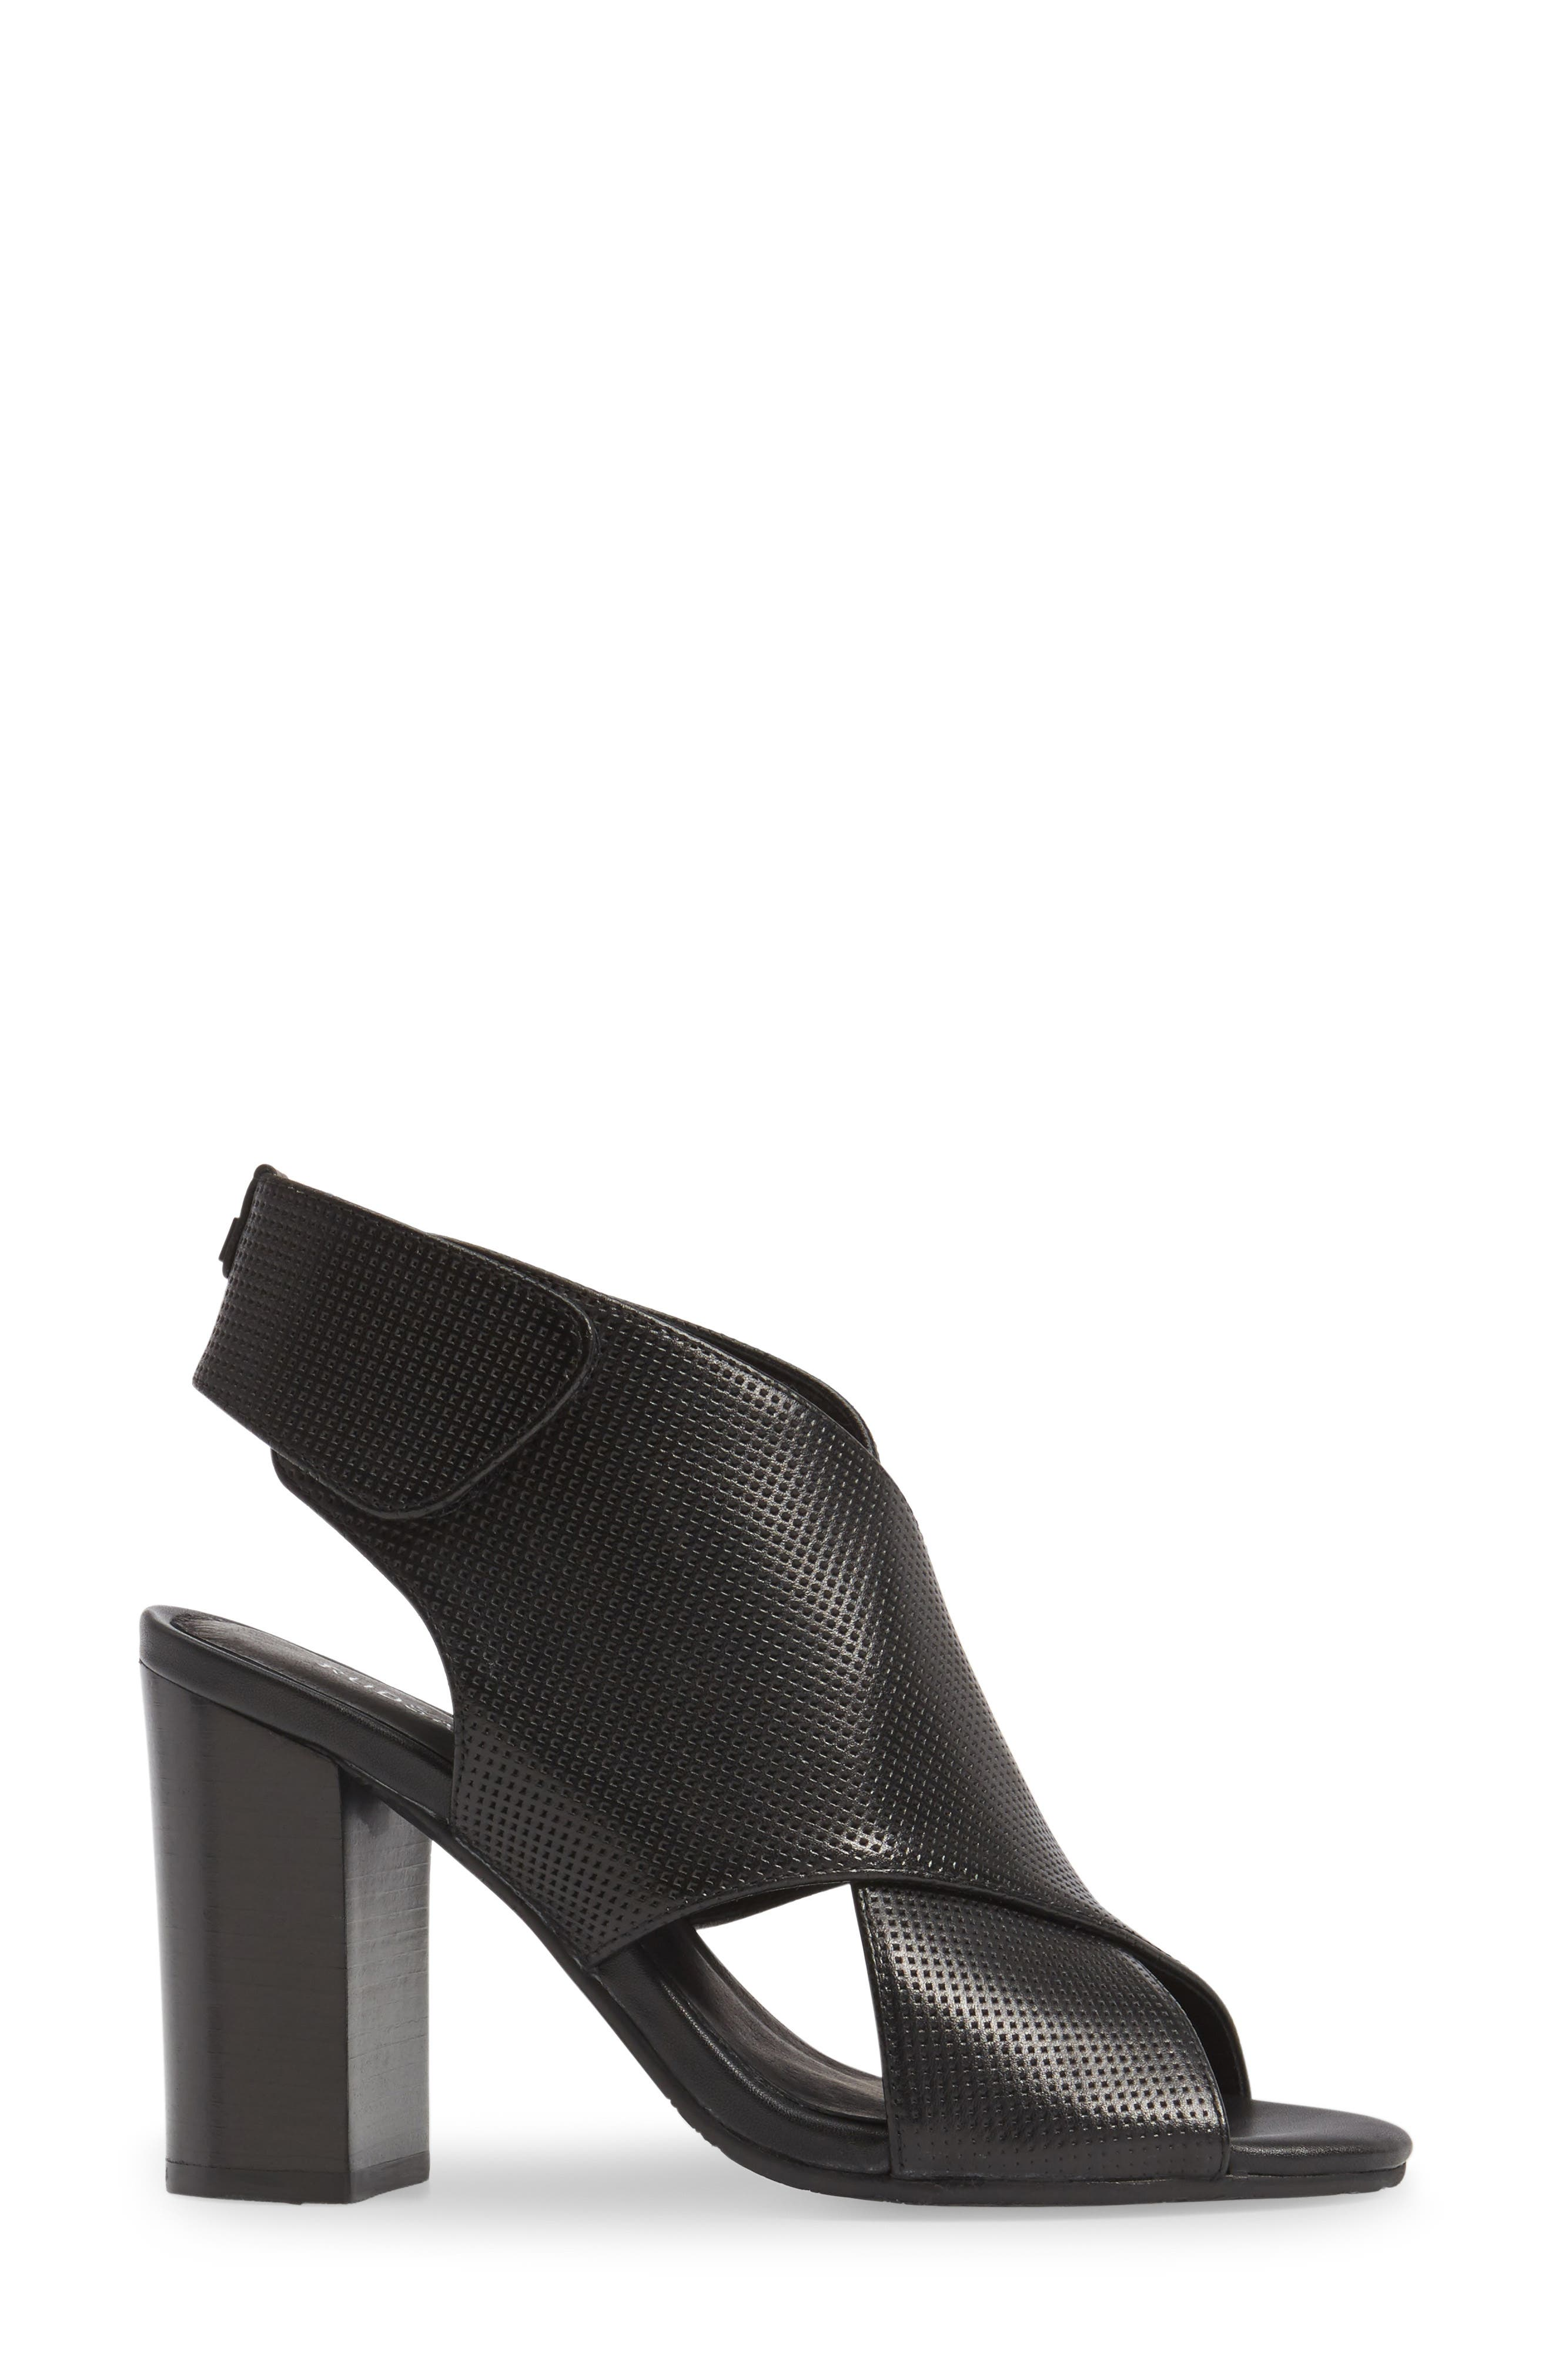 Benedetta Block Heel Sandal,                             Alternate thumbnail 3, color,                             001